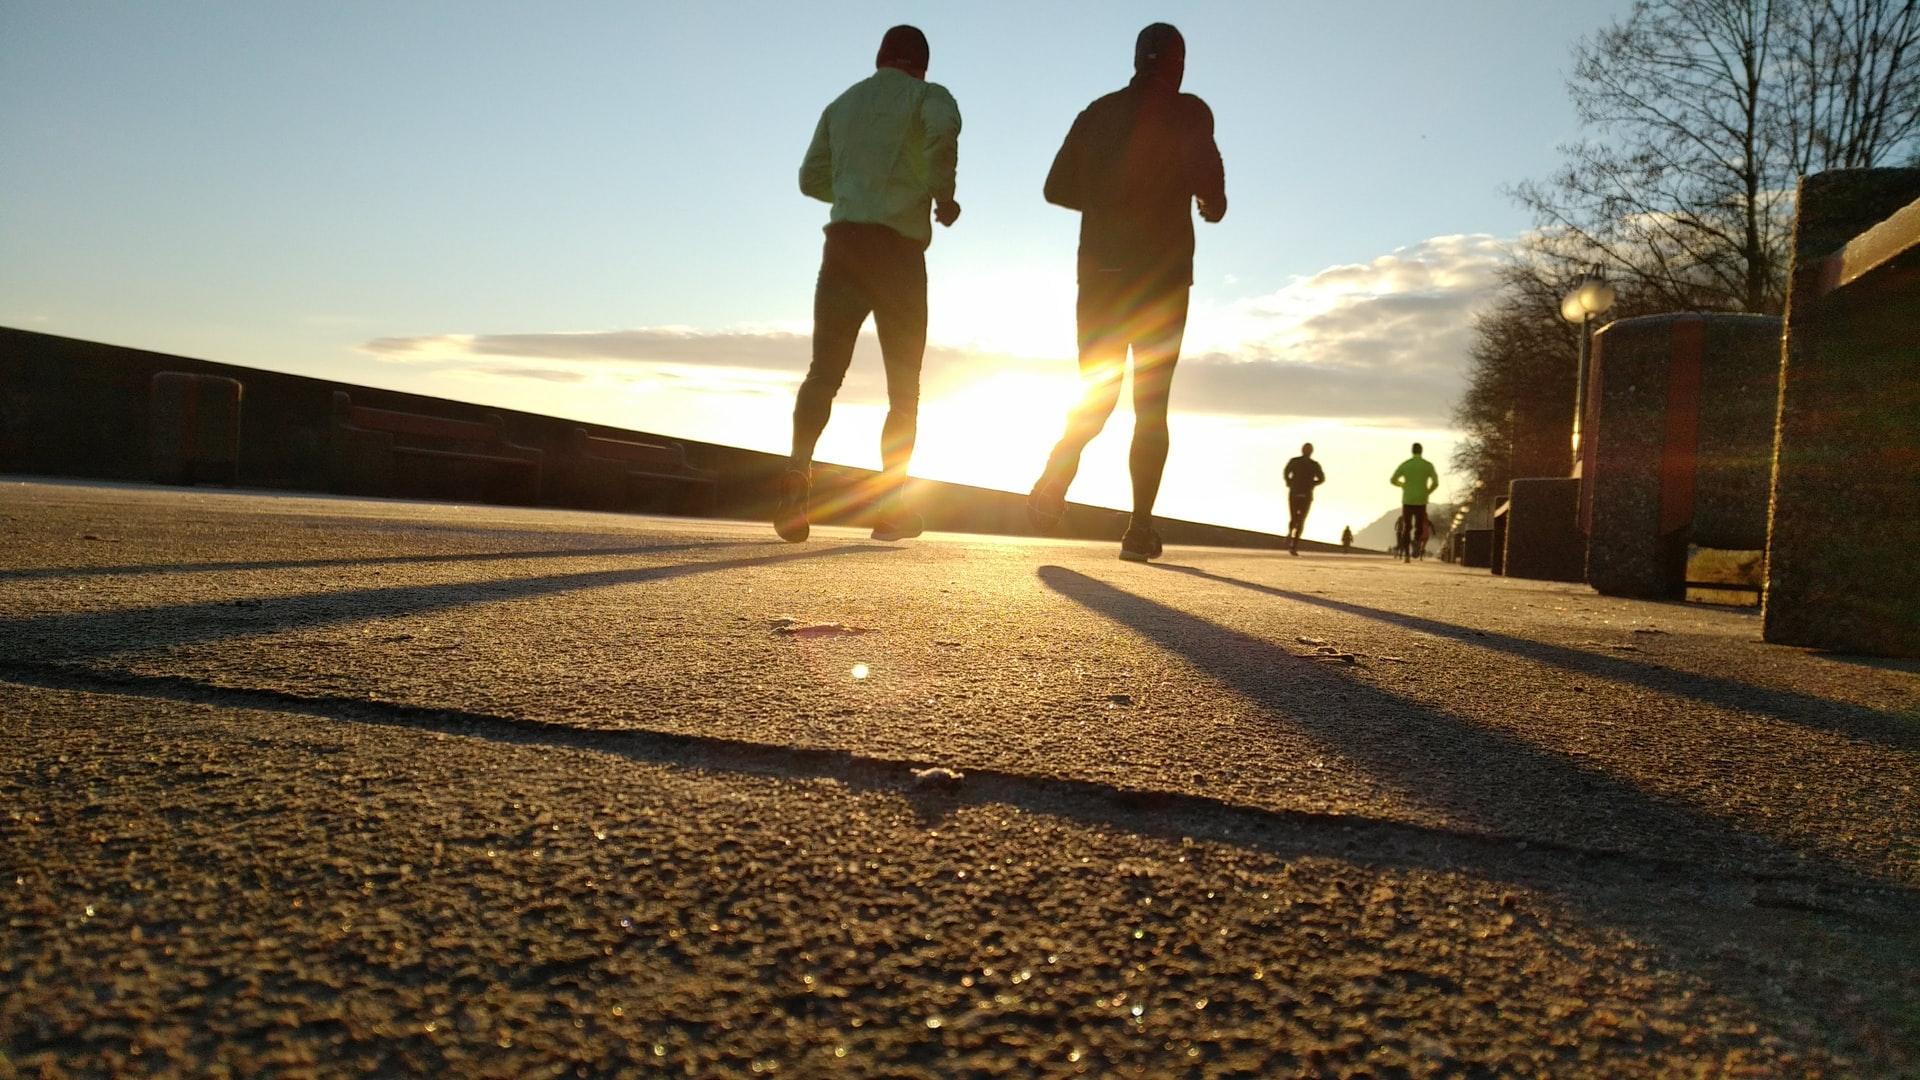 two men running during sun set